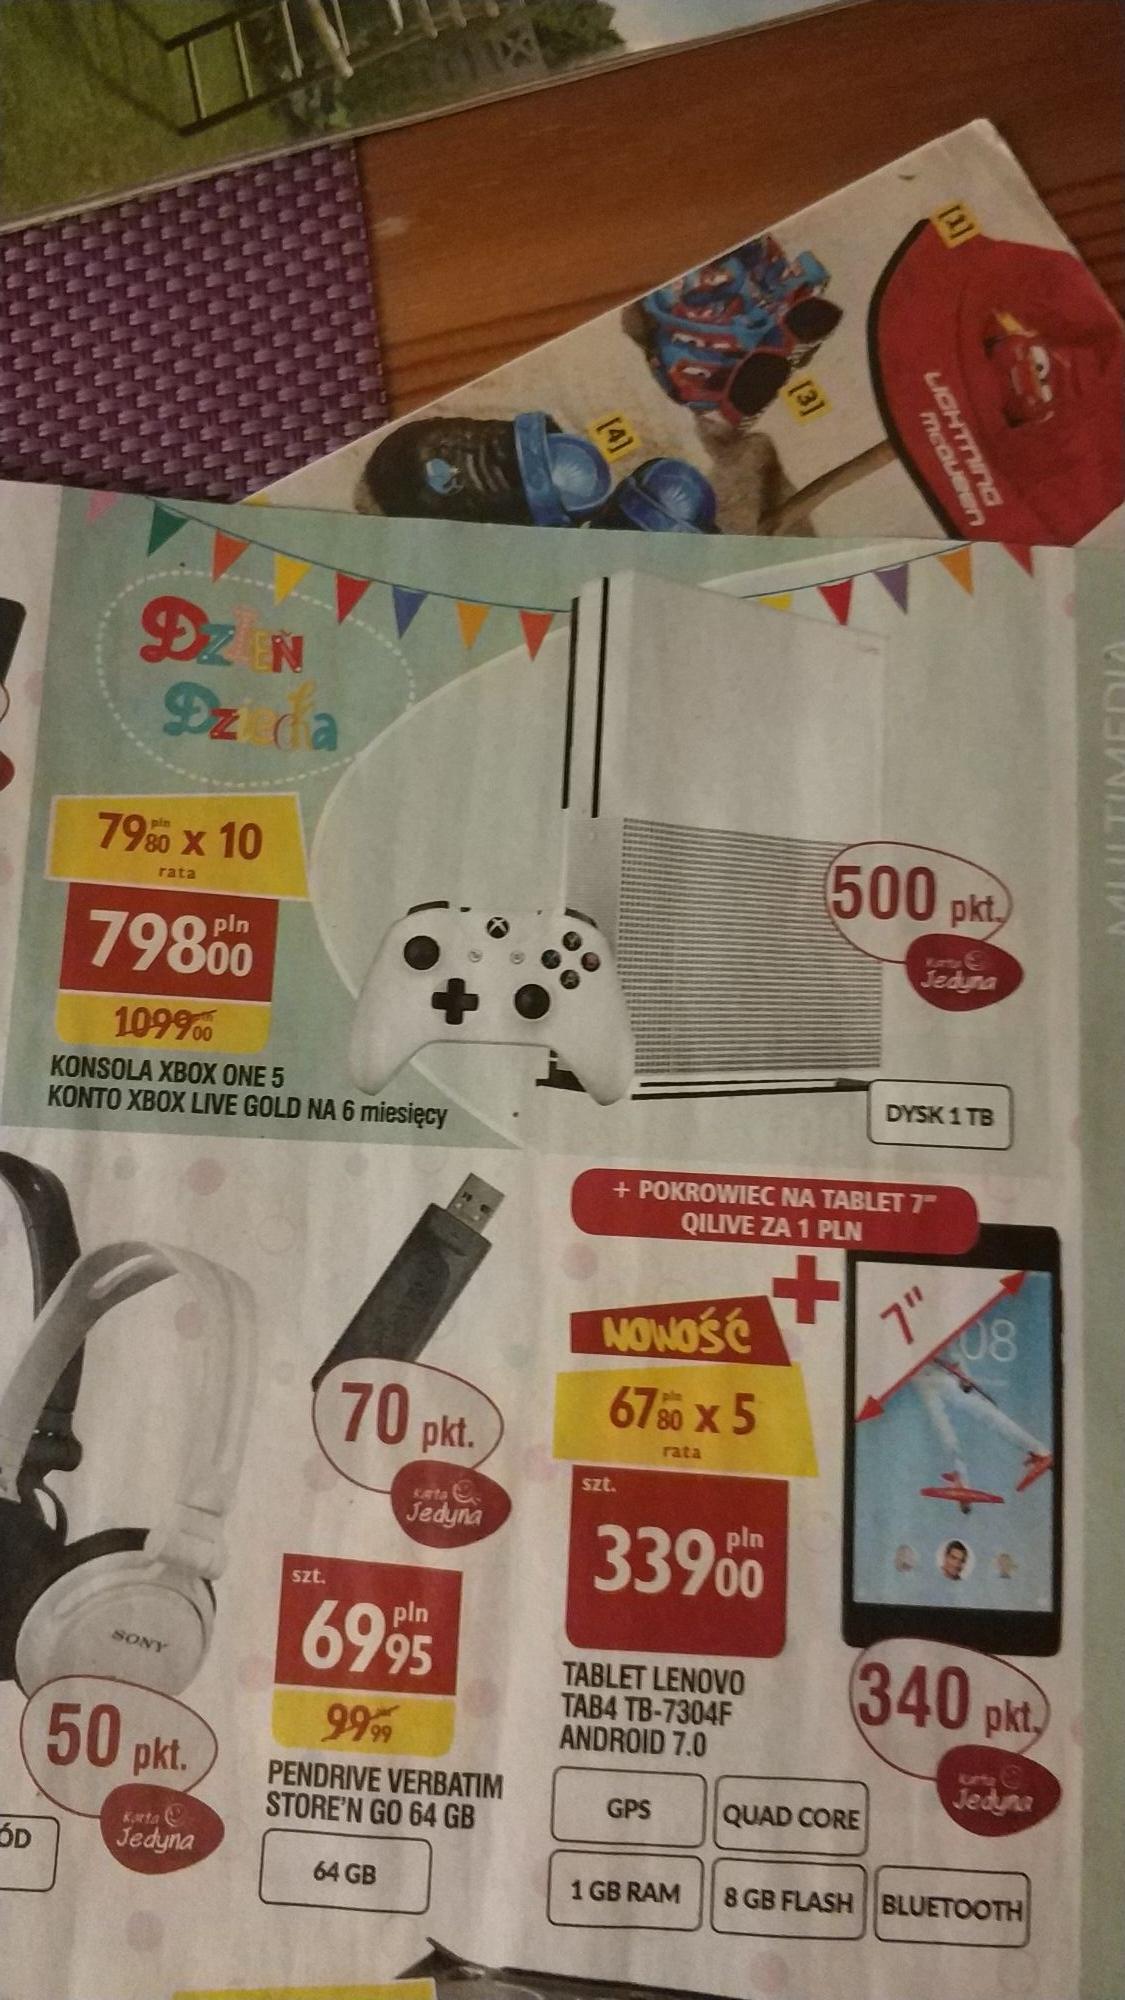 Xbox One S 1TB + 6 miesięcy Xbox Live